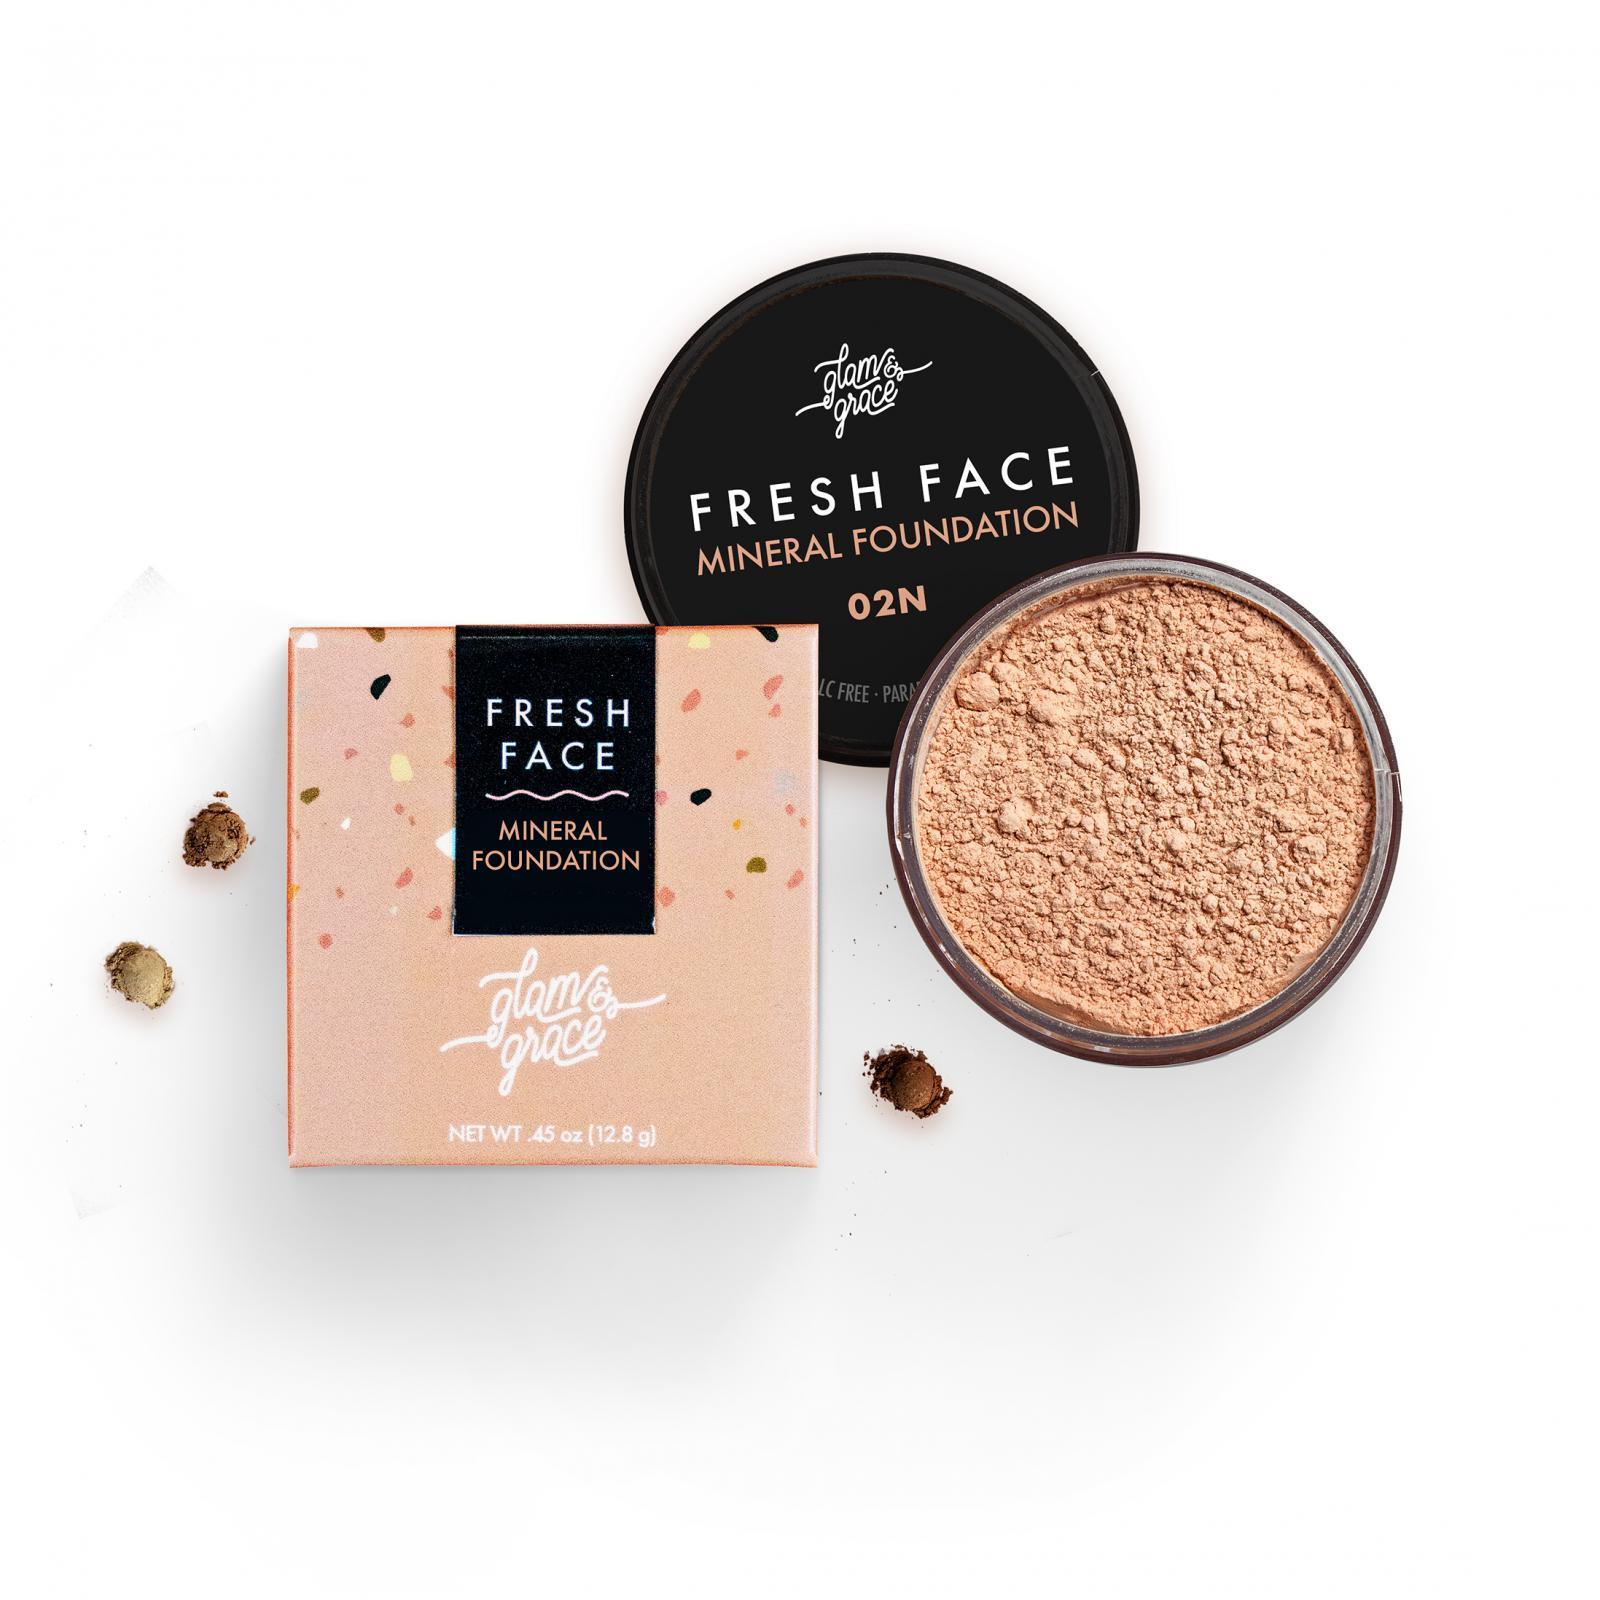 FRESH Face Mineral Foundation Powder - Beige 02N